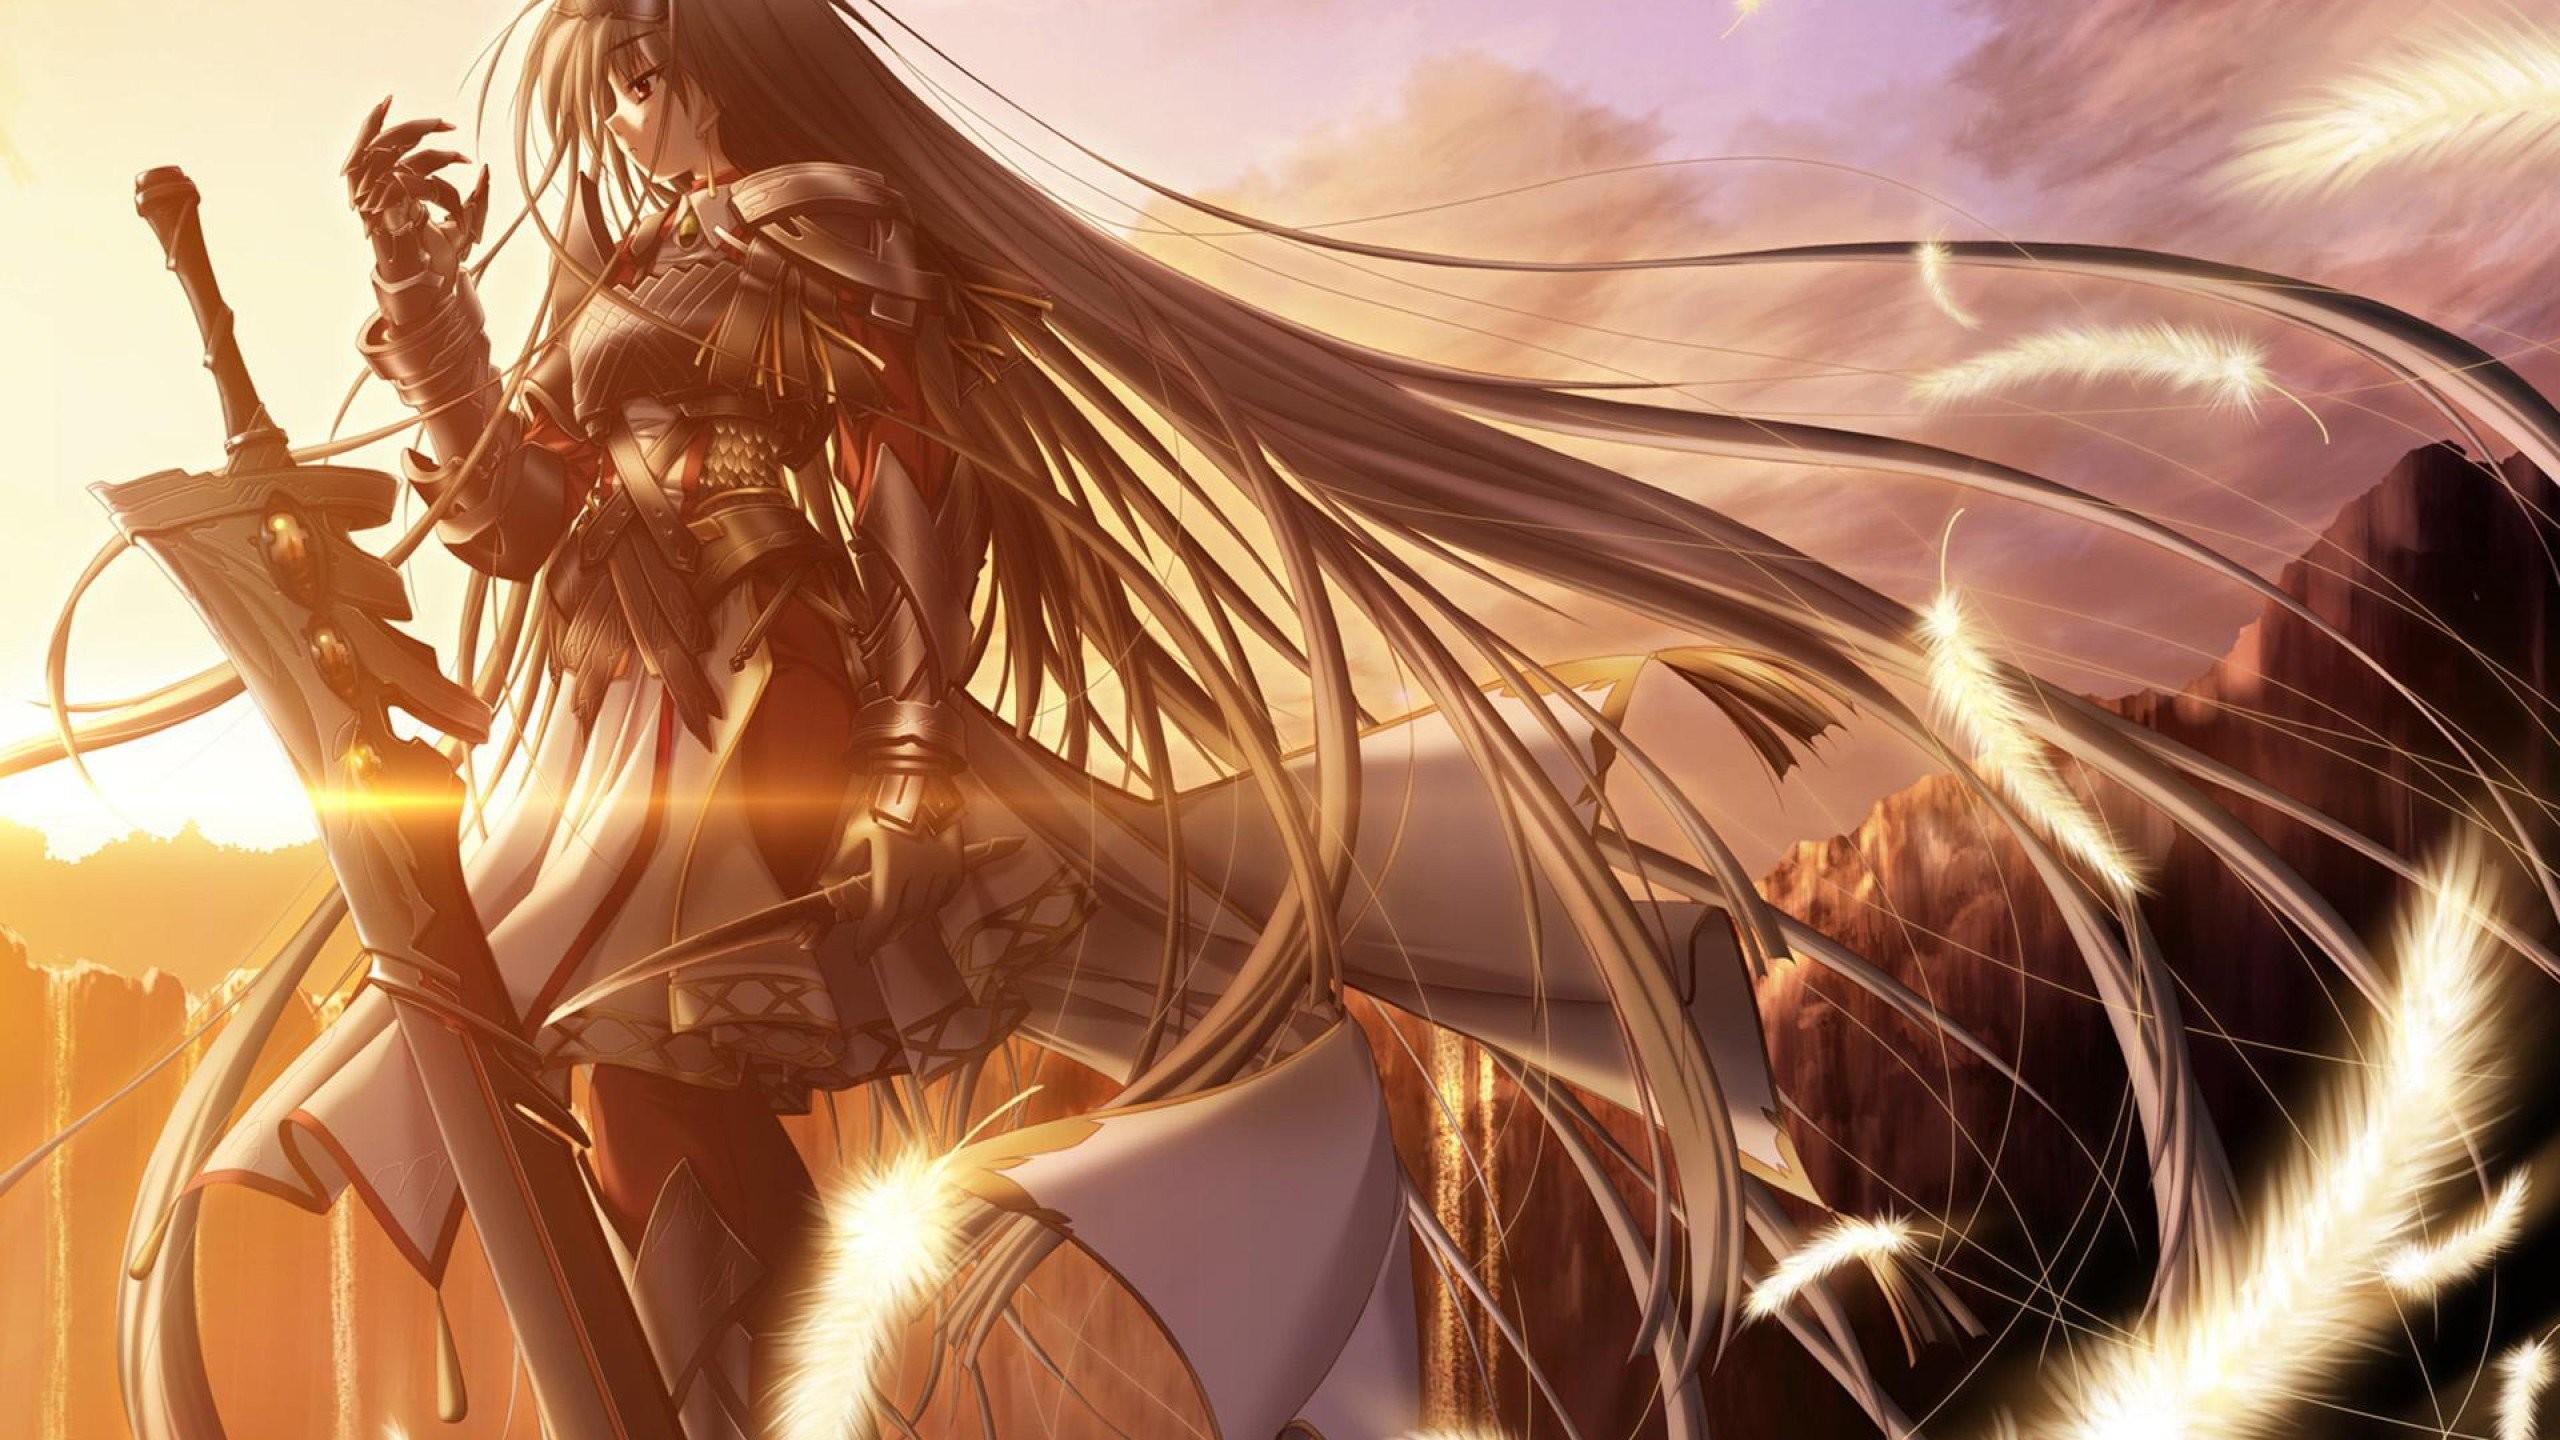 Anime Warrior Wallpaper 1